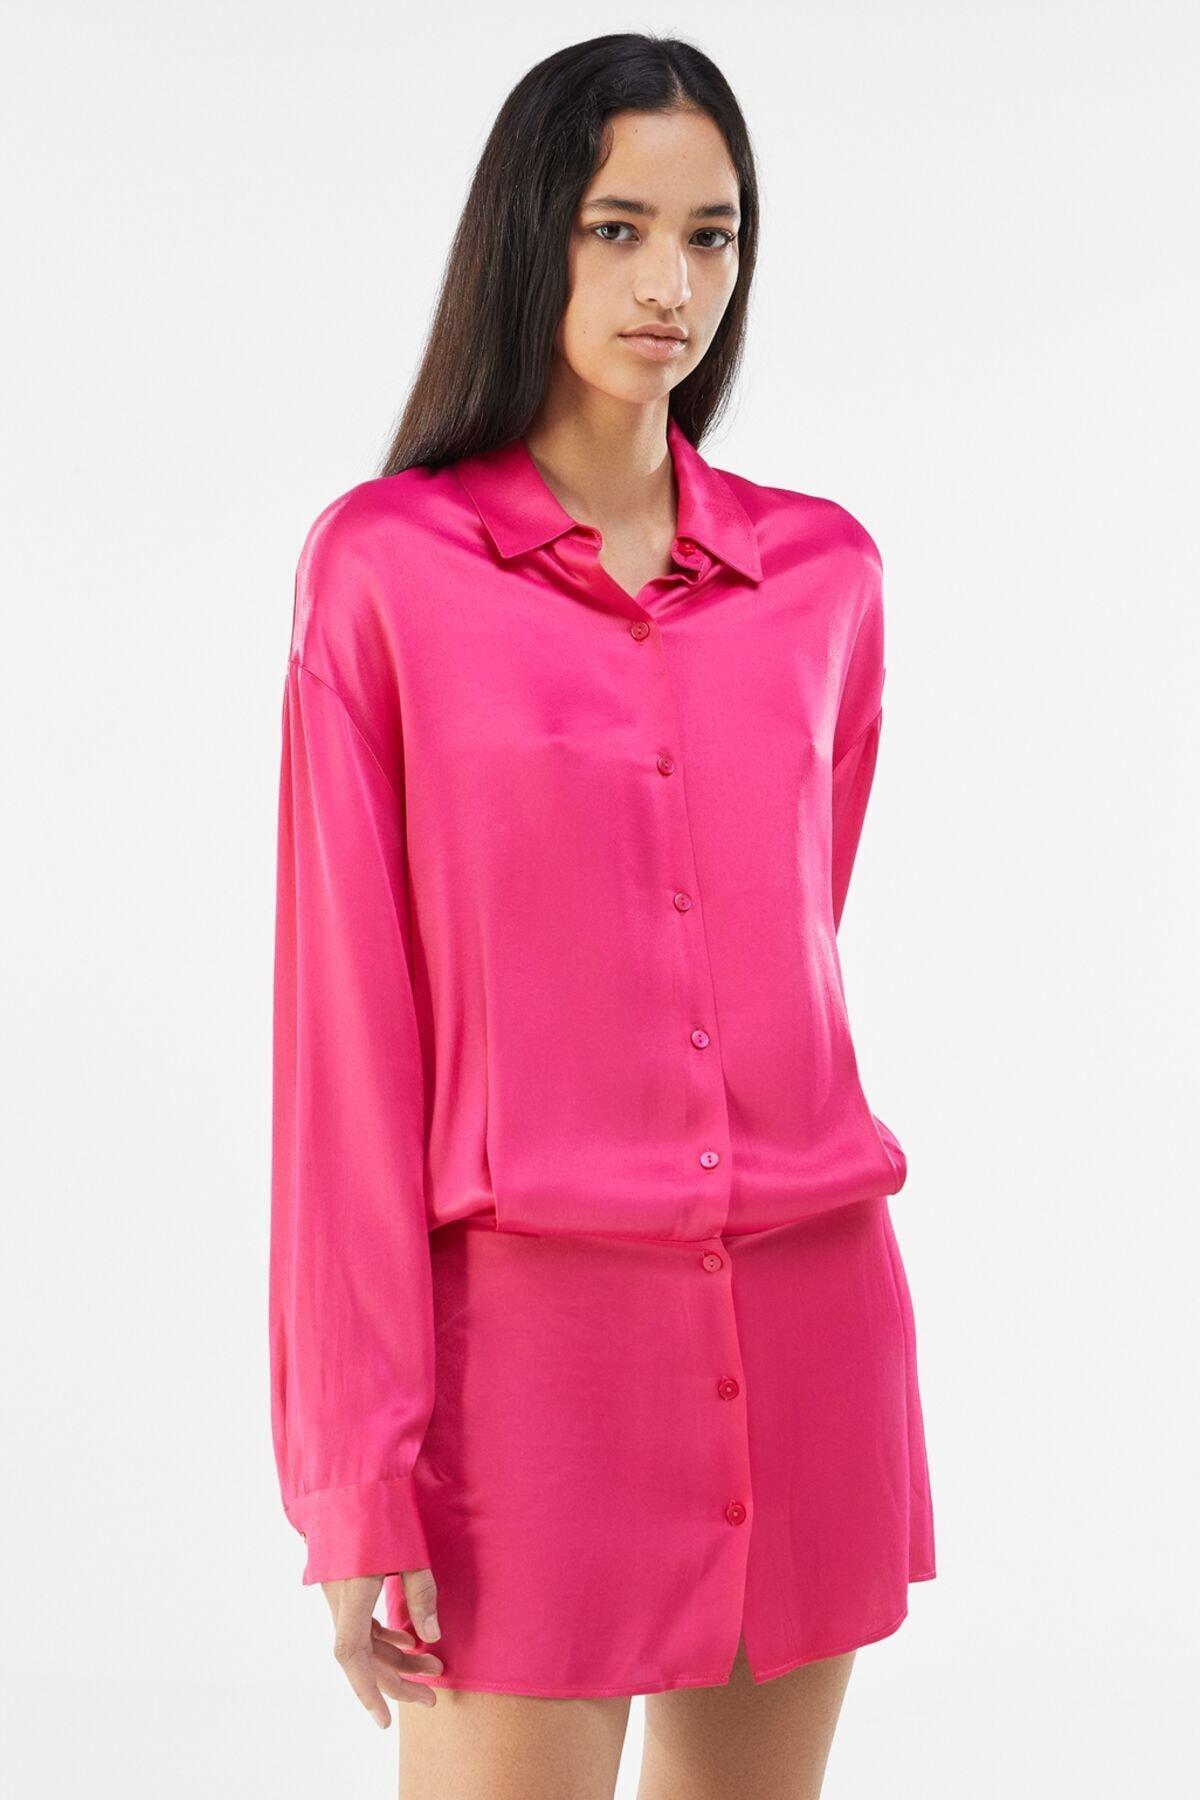 Bershka Kadın Fuşya Saten Gömlek Elbise 1